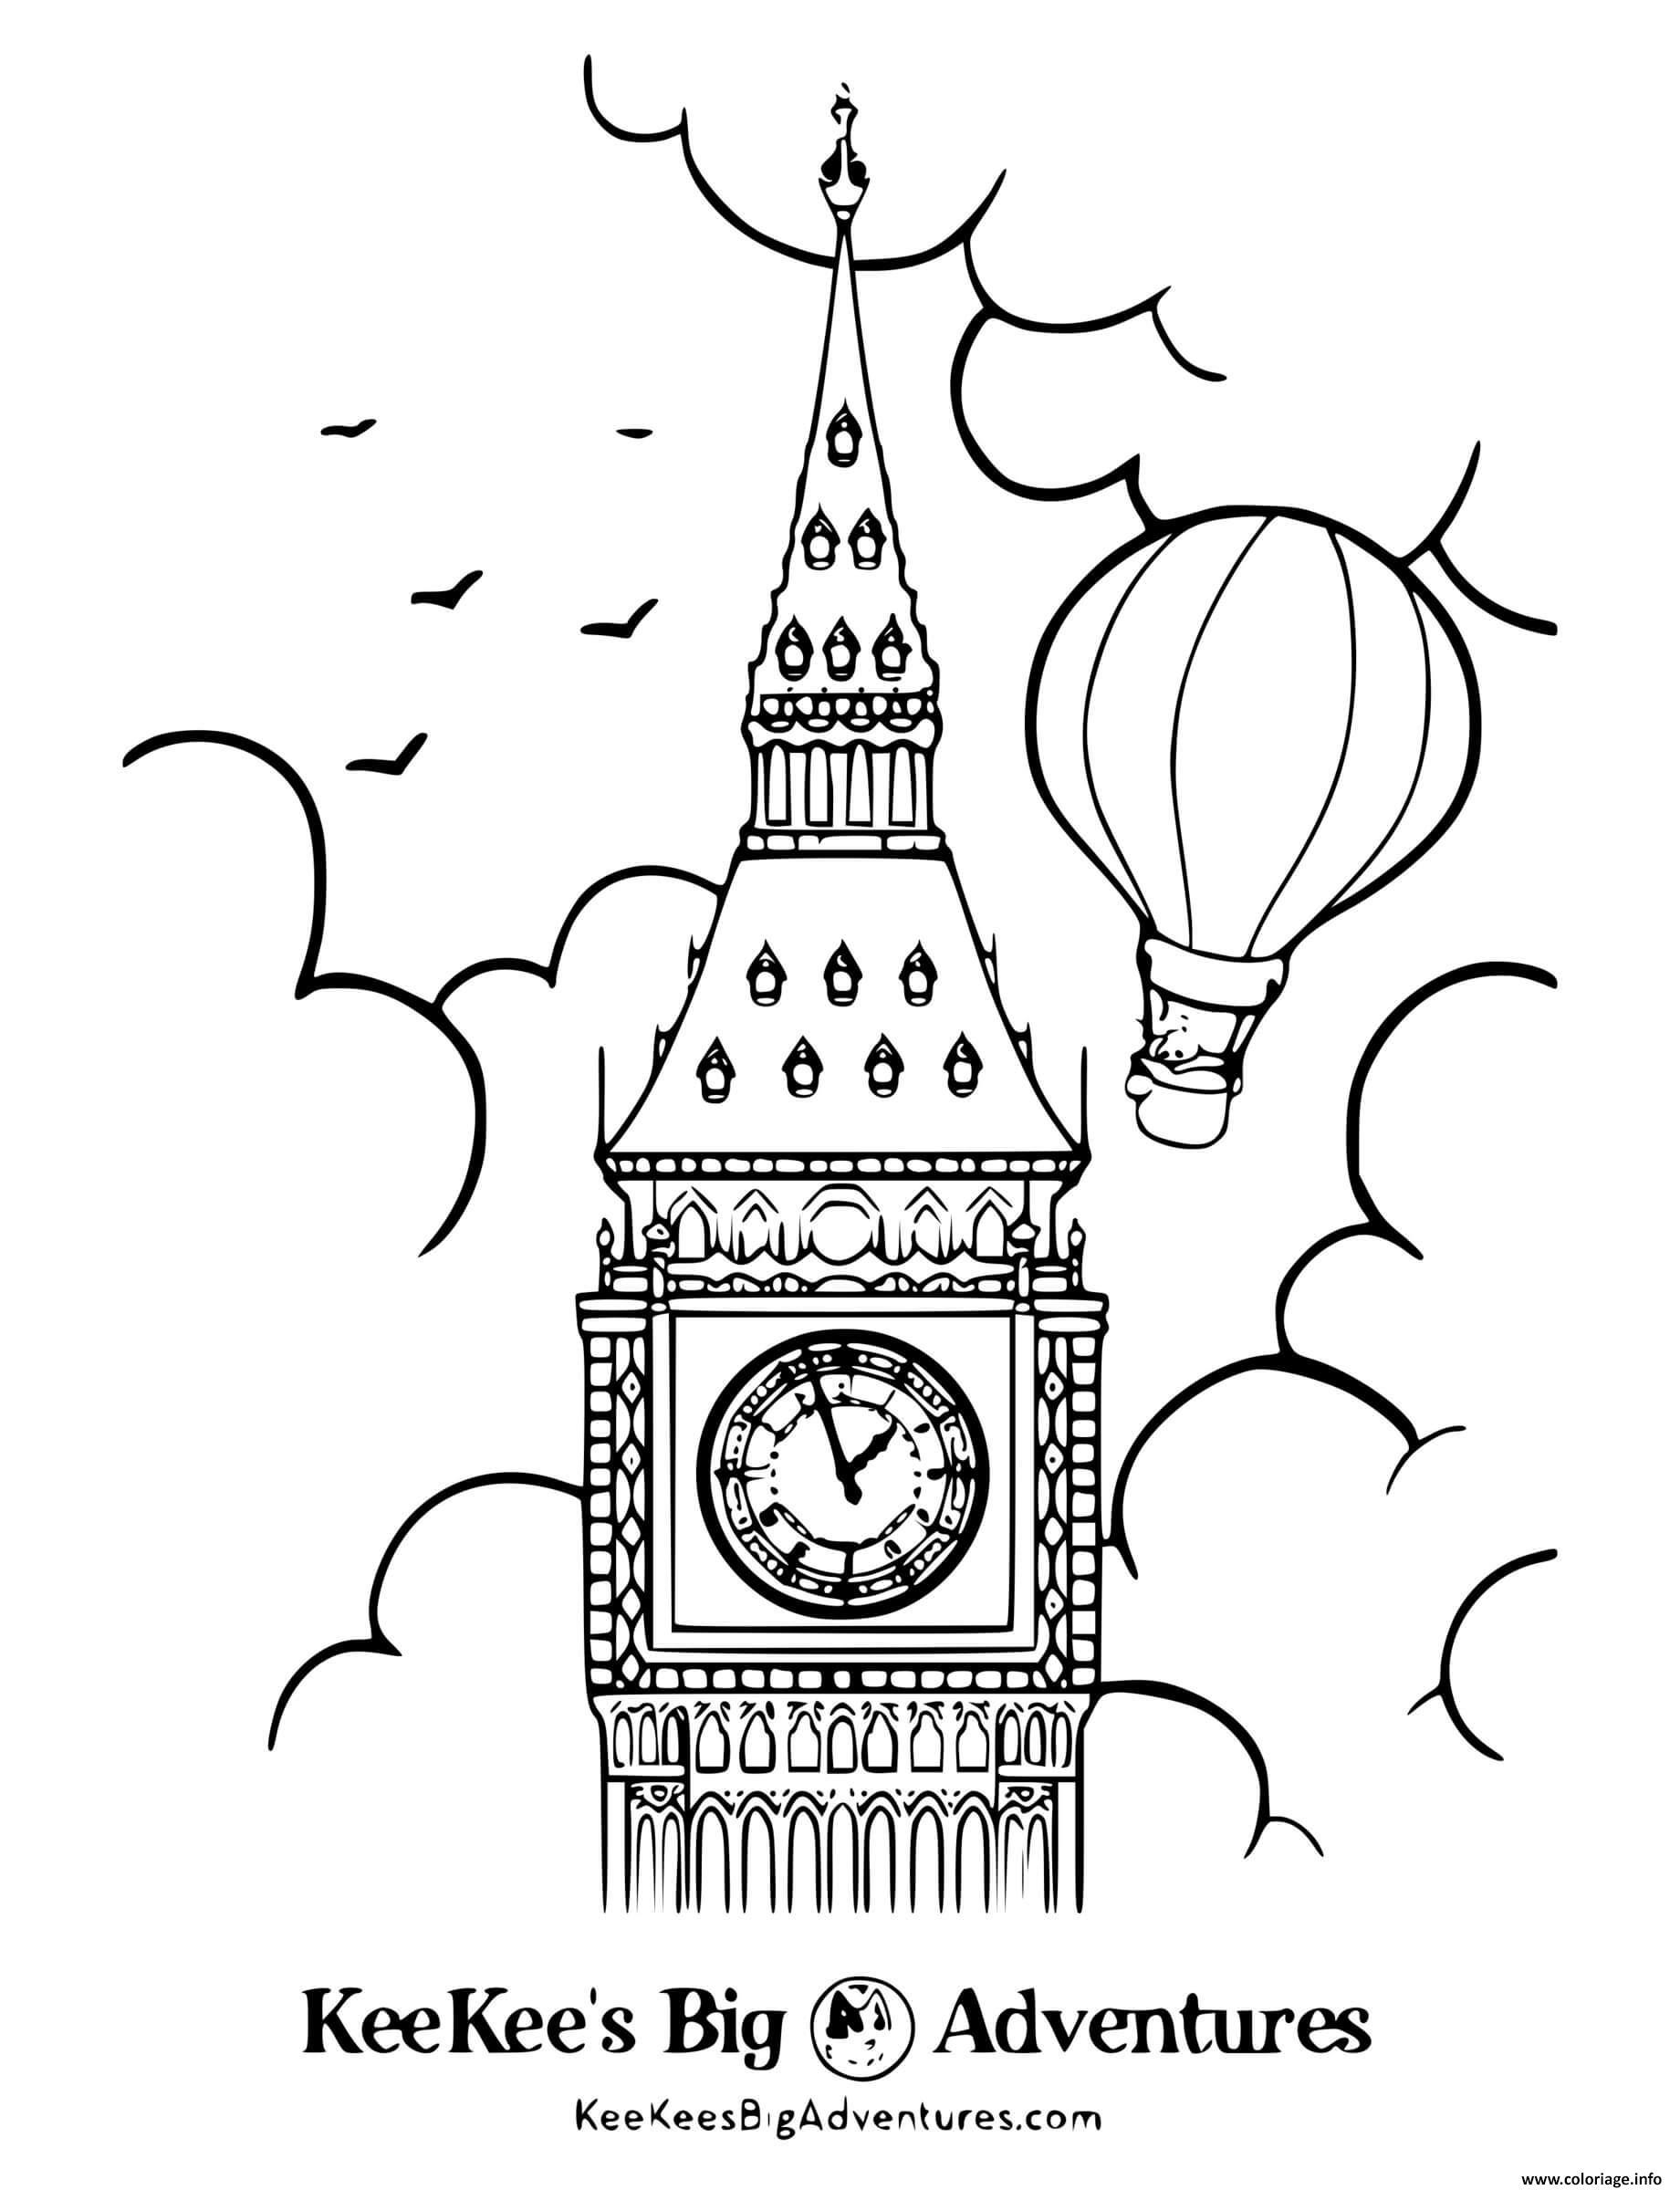 Dessin big ben horloge monument anglais Coloriage Gratuit à Imprimer